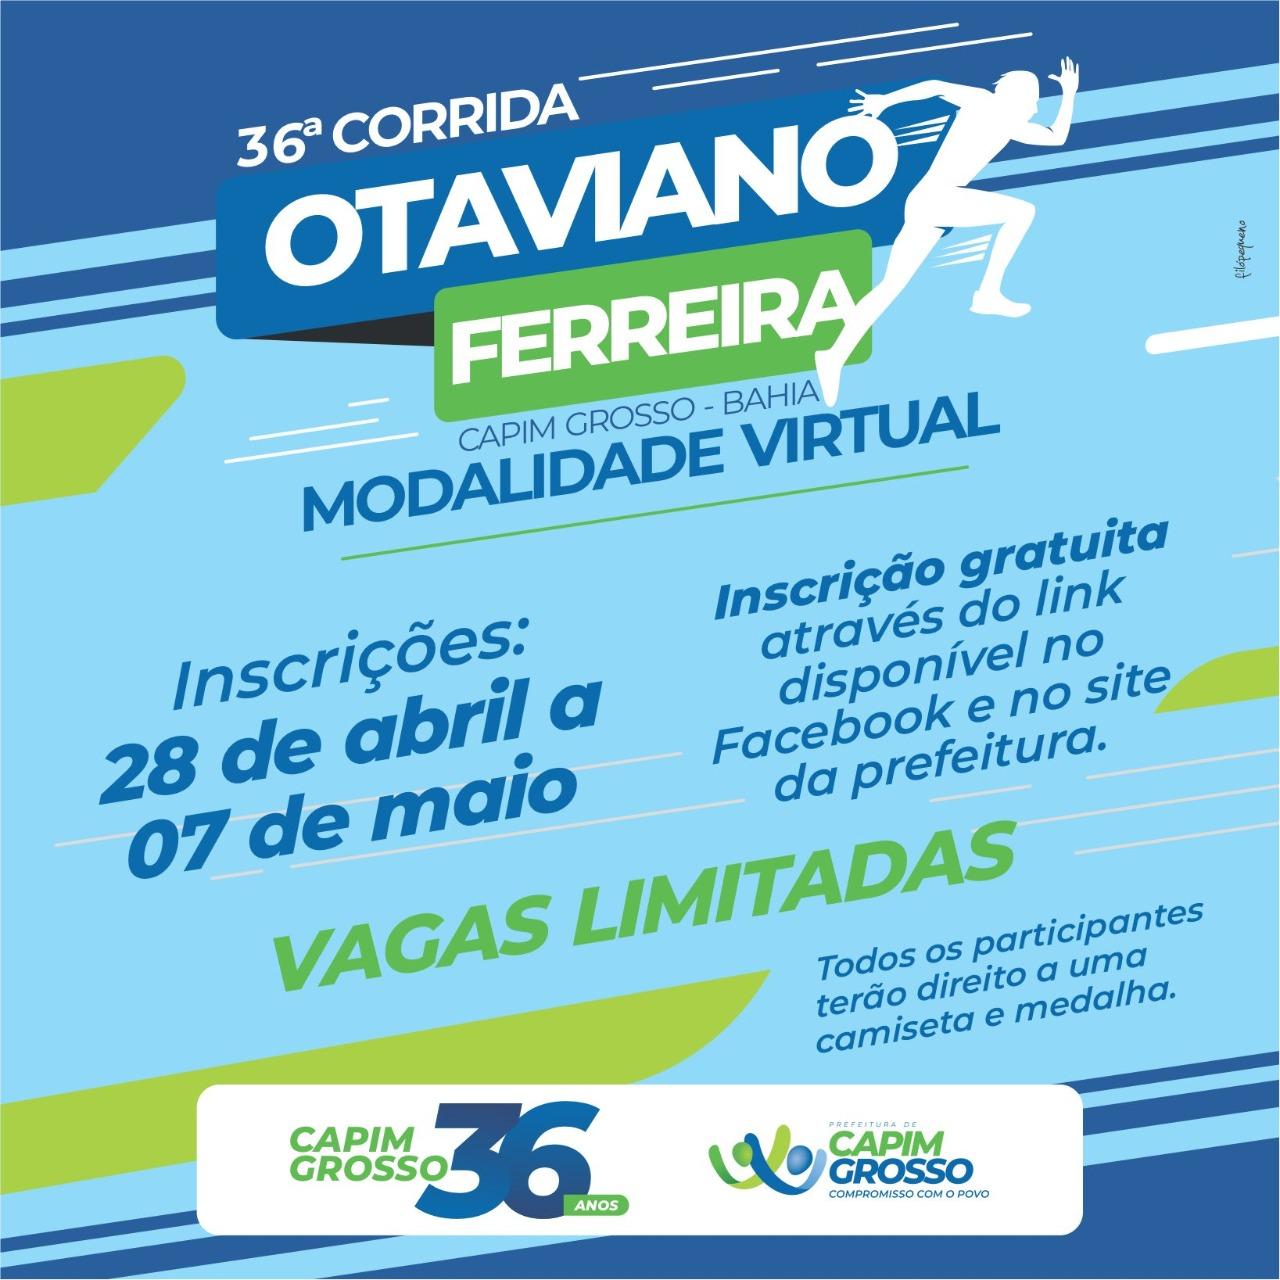 36ª Corrida Otaviano Ferreira